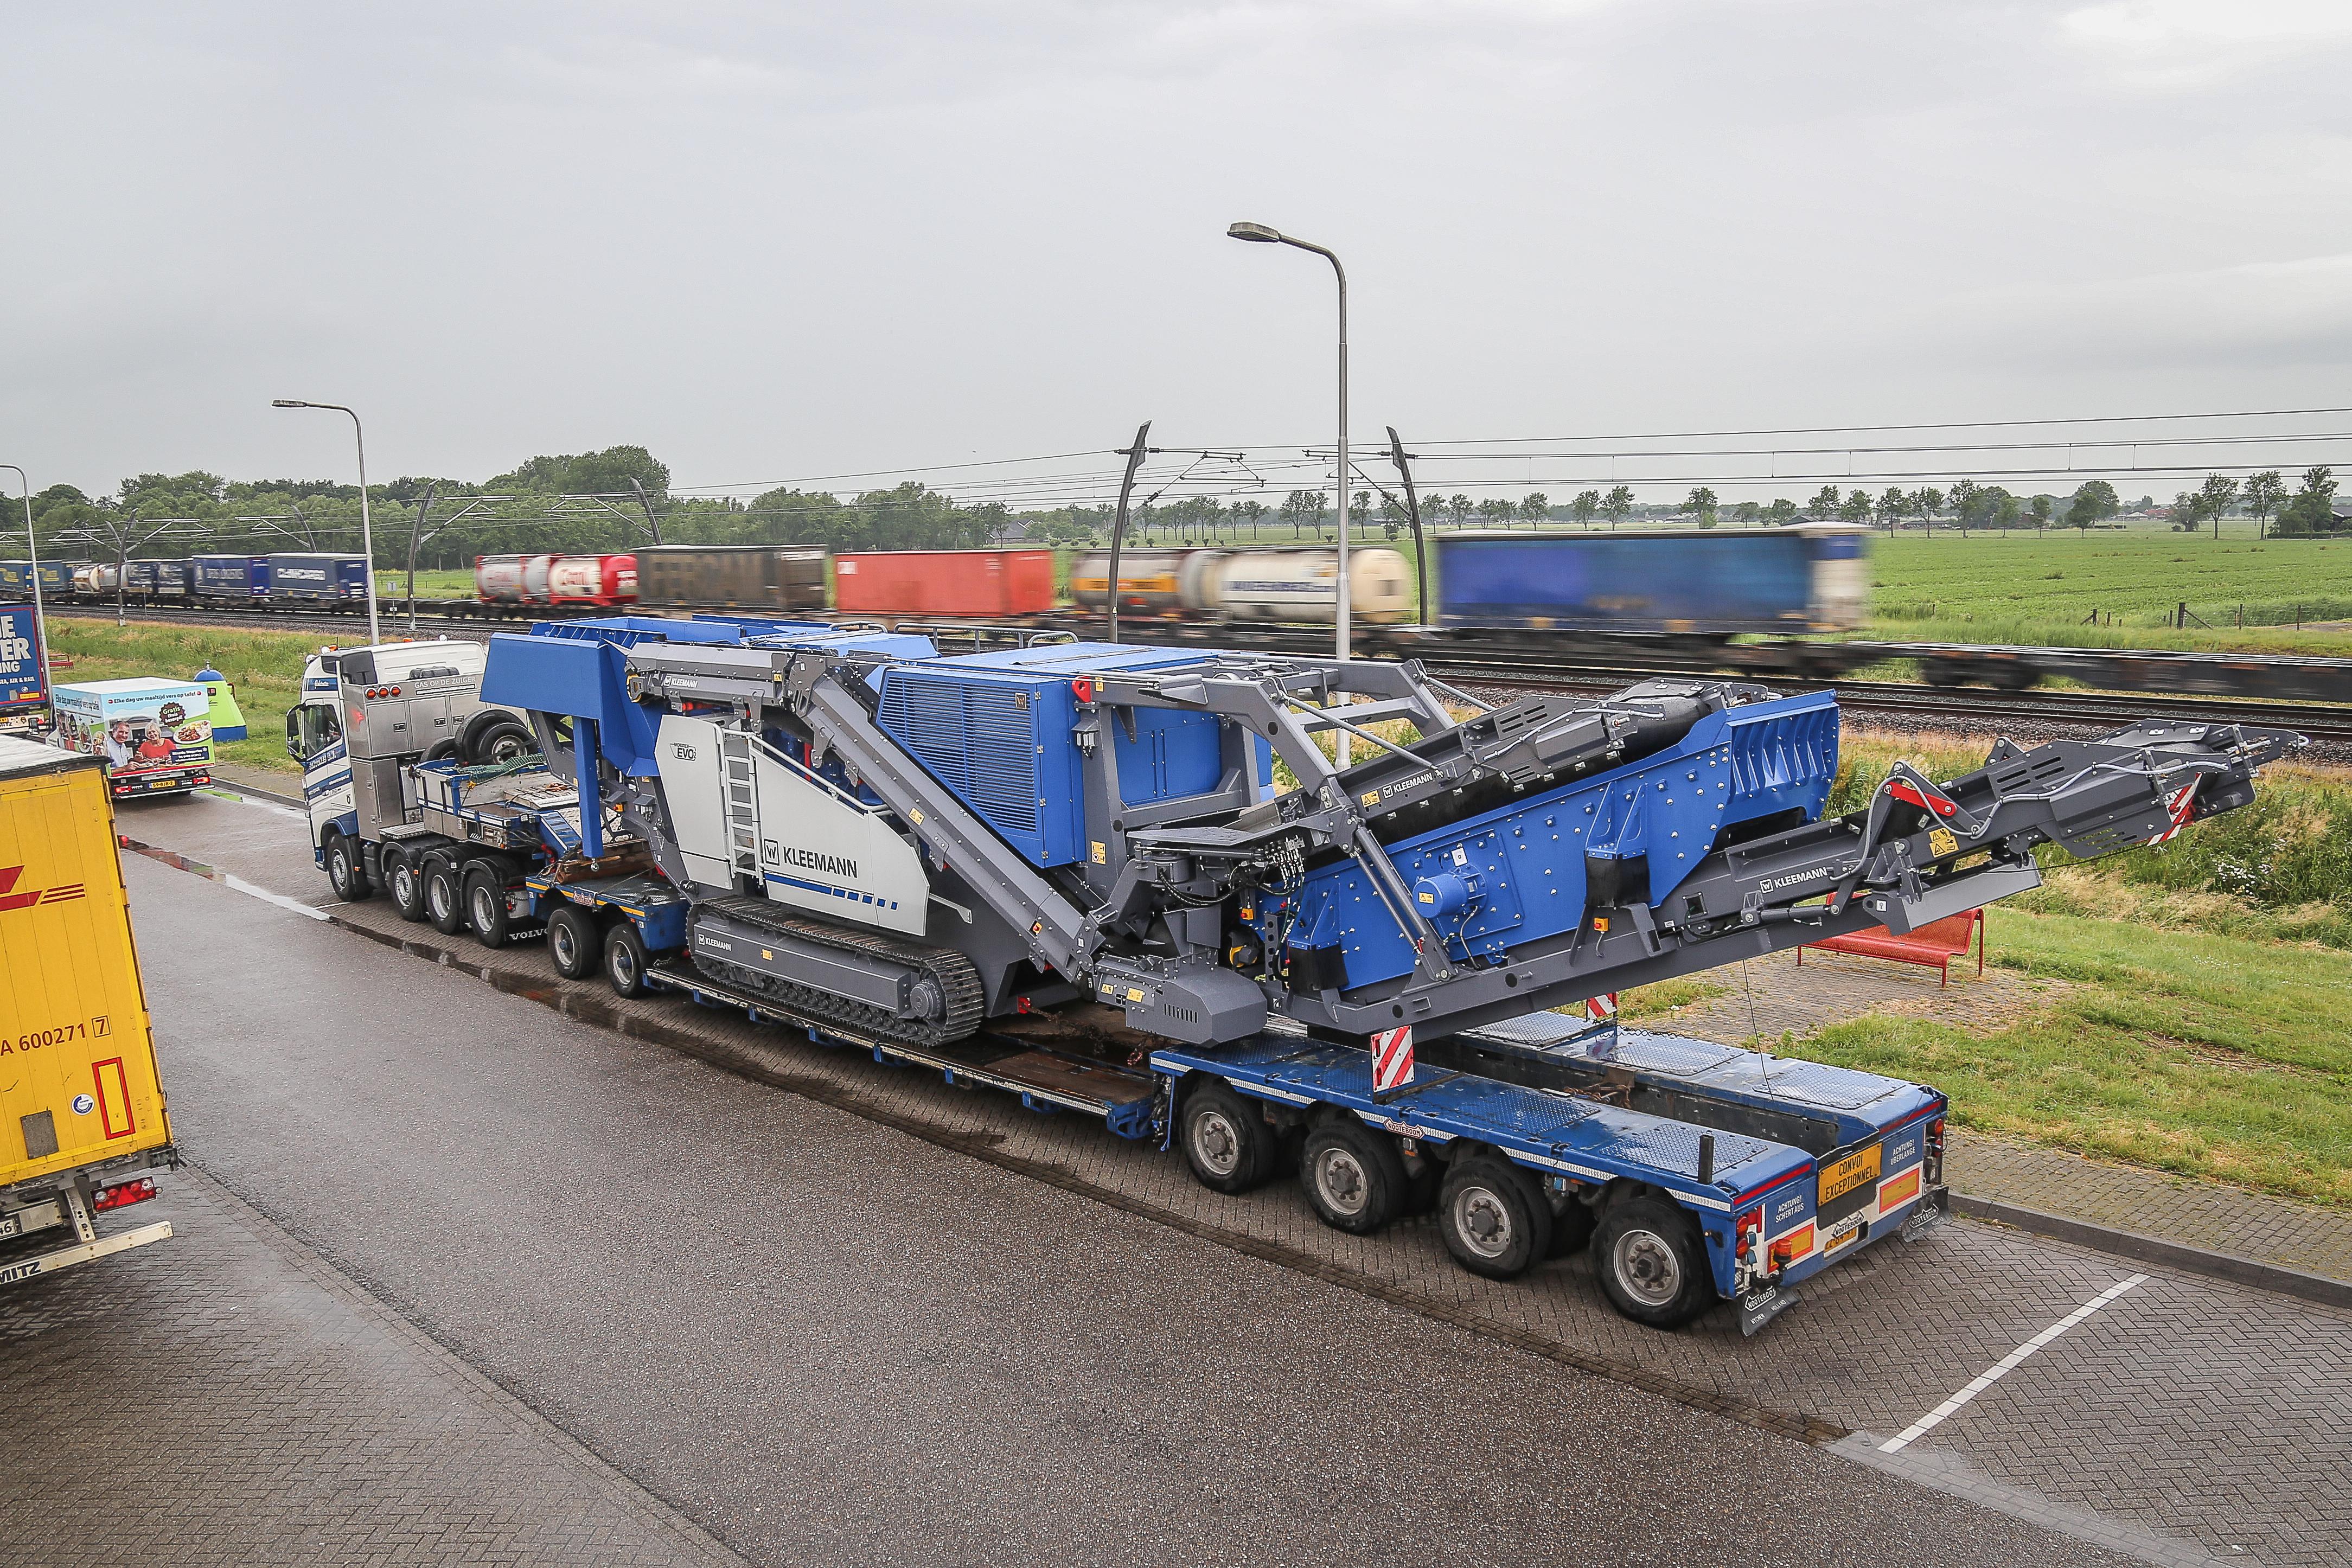 <p>De lading bestaat vandaag uit een 56 tons Kleemann breker (MR110Z). Ondanks een combinatiegewicht van 100 ton slaat de I-shift-bak de kruipversnellingen op vlak terrein gewoon over.</p>